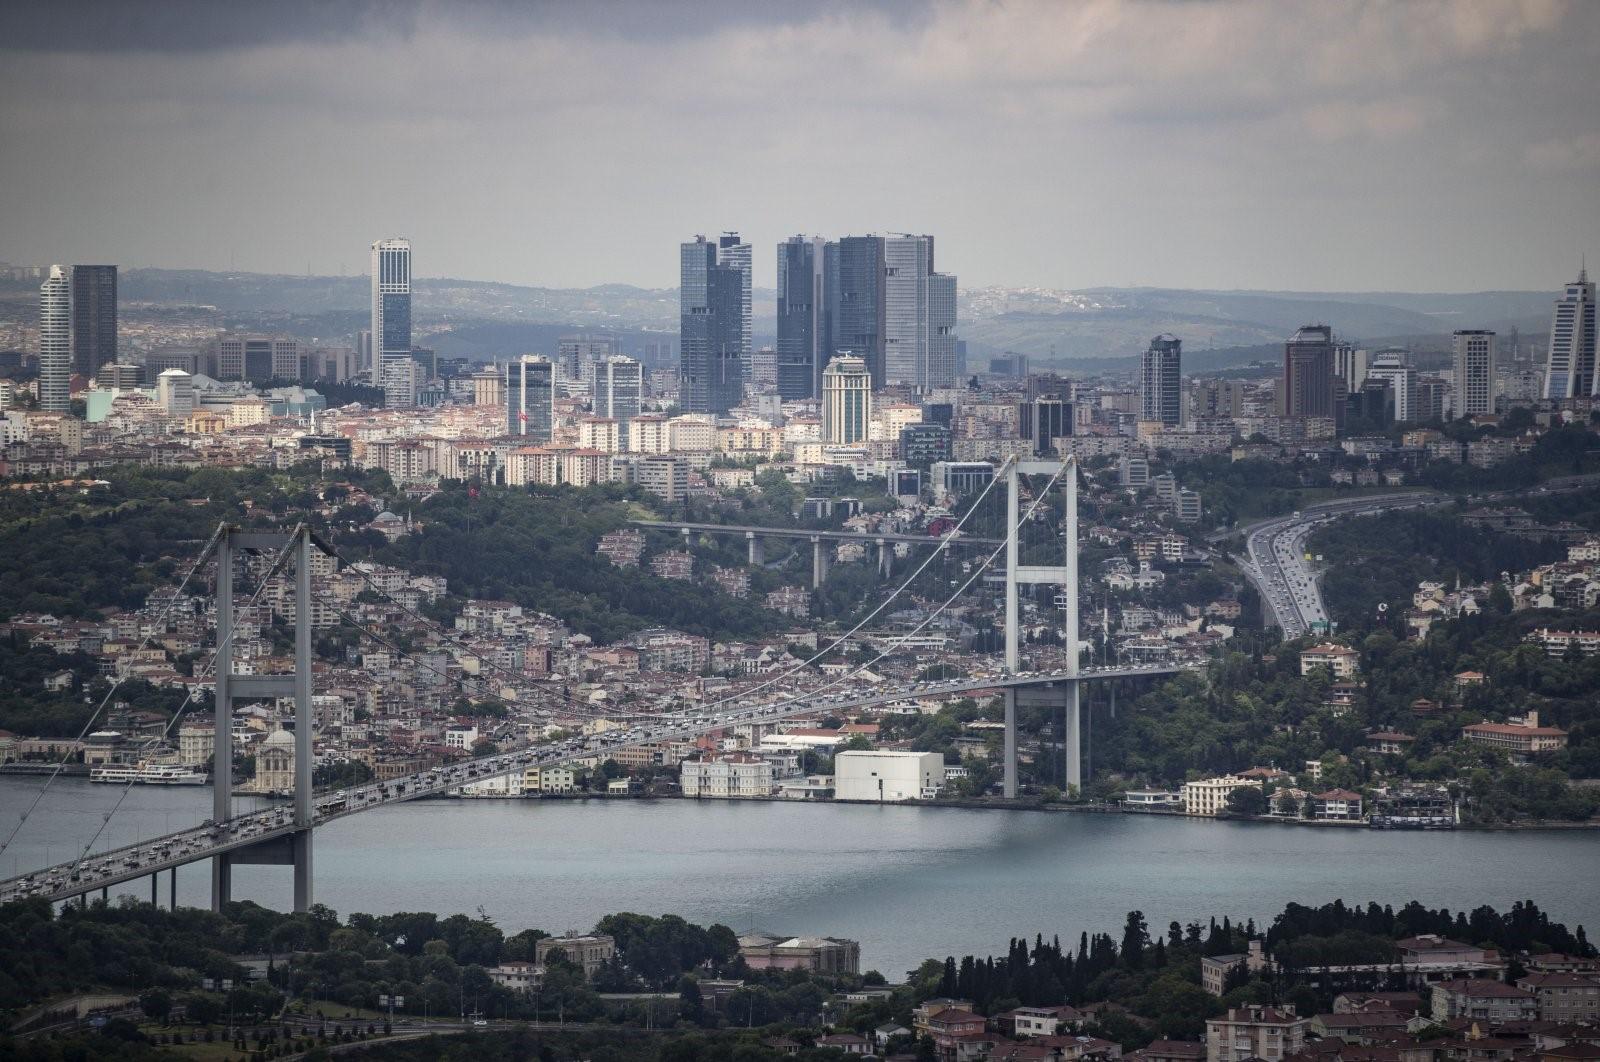 Thổ Nhĩ Kỳ ưu tiên phát triển công nghệ, công nghiệp